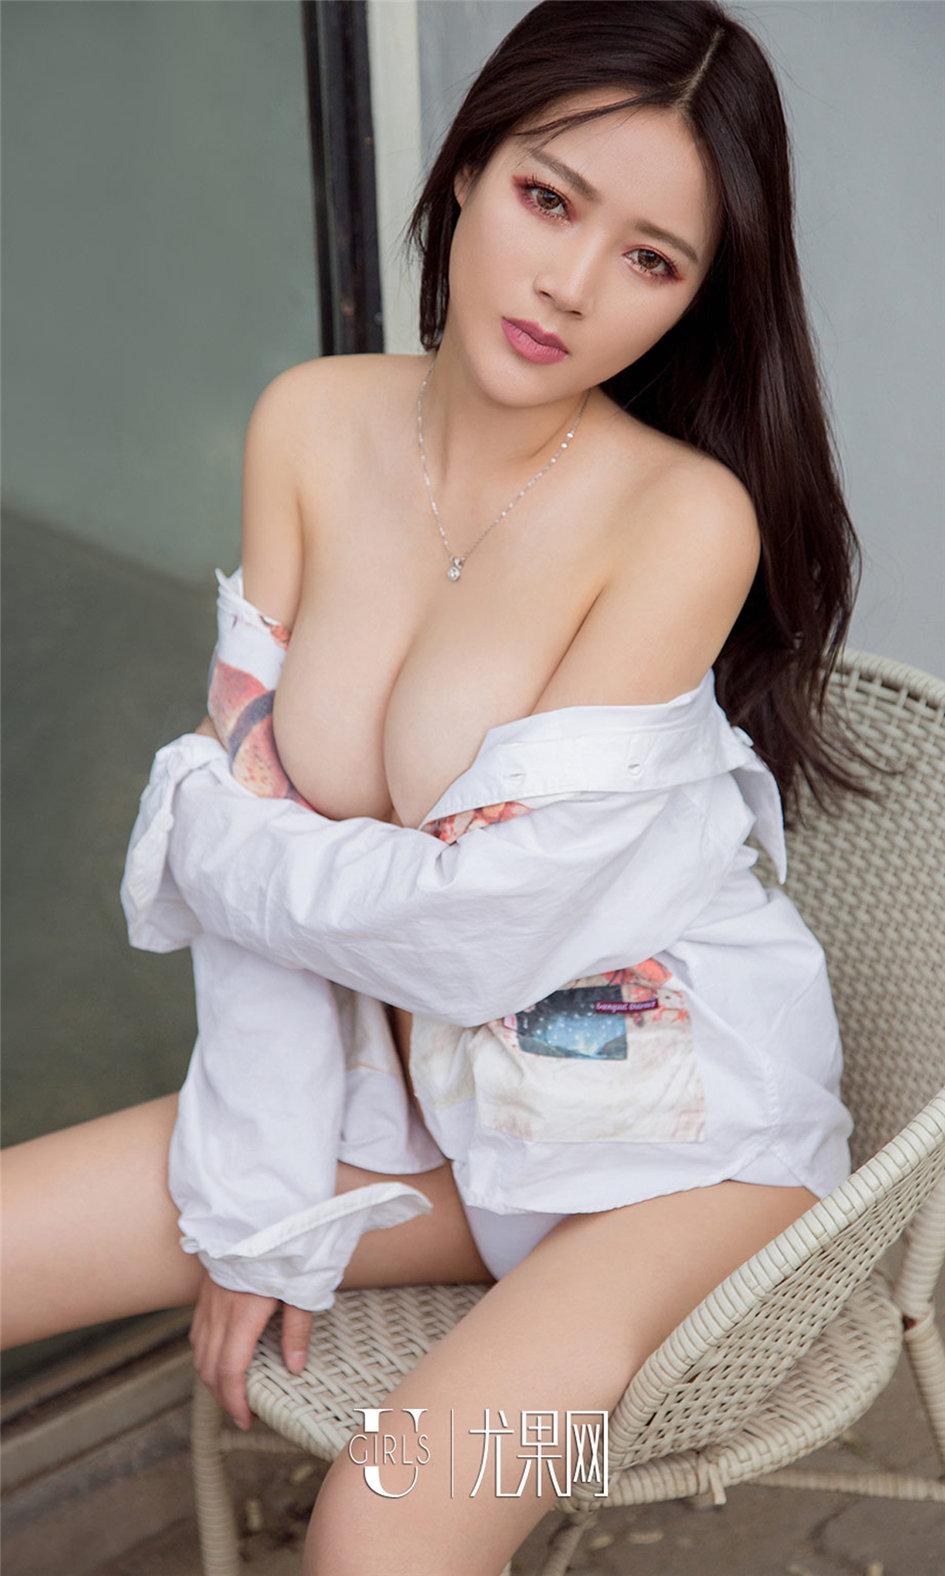 [ugirls尤果网] 清纯美乳美女夏梦性感私房照写真图片